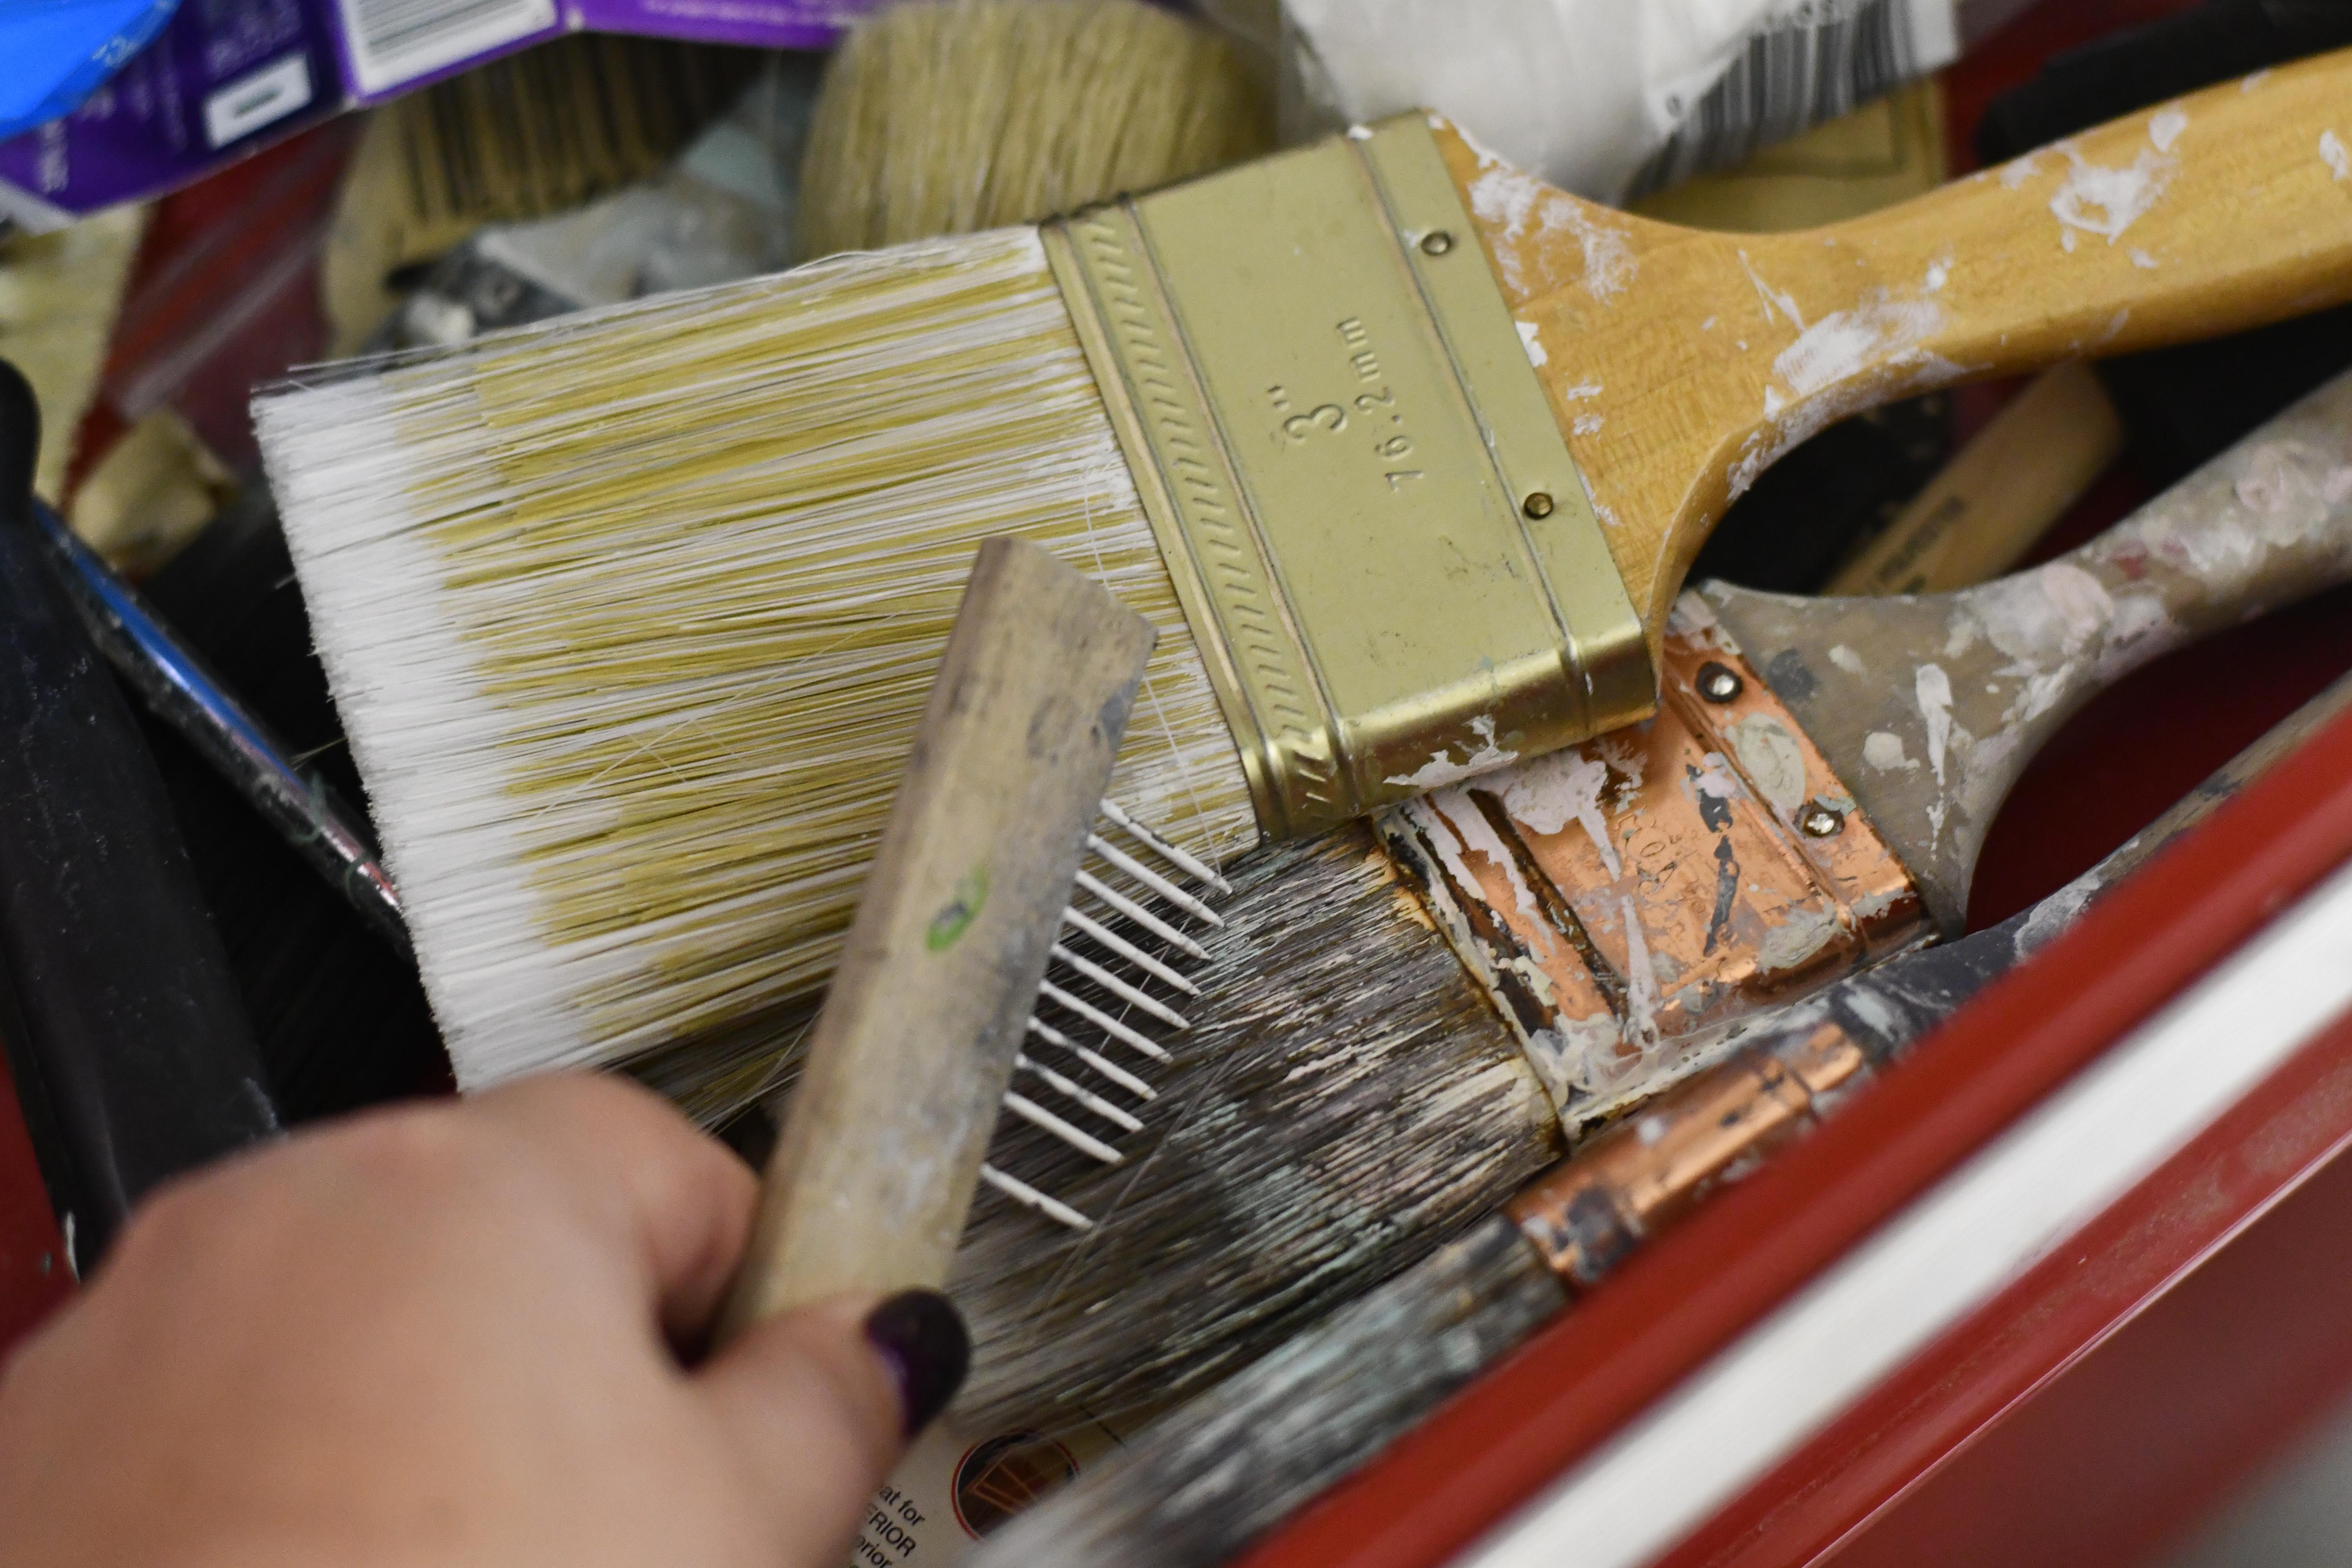 brushing paint brushes